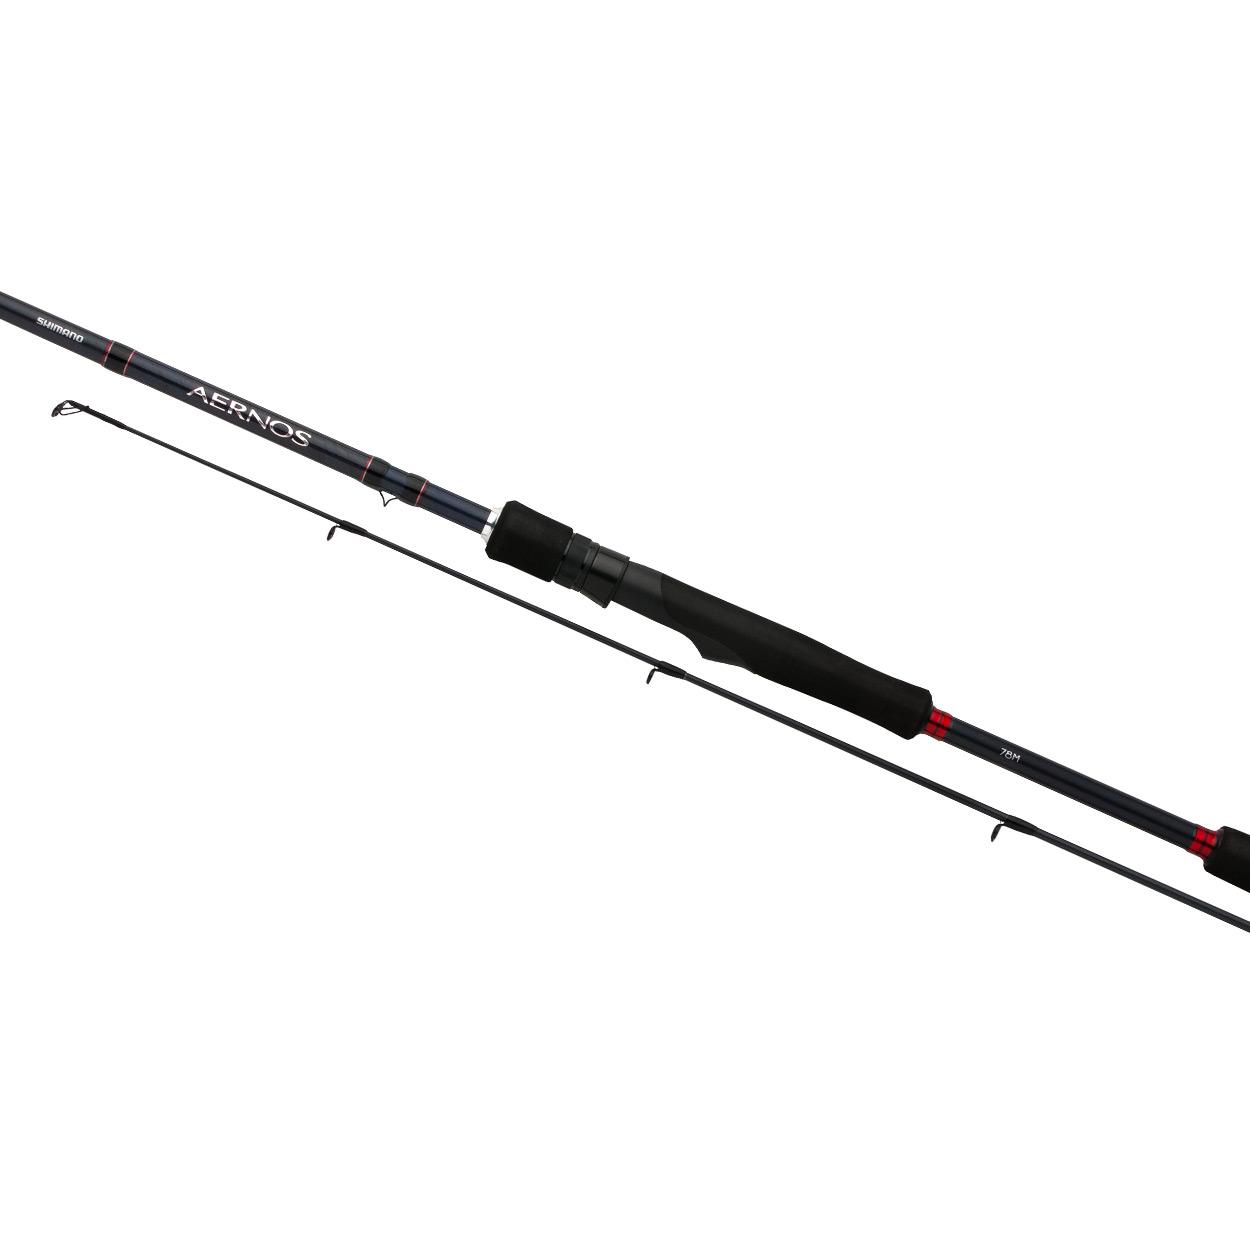 Удилище кастинговое SHIMANO Aernos AX Spinning 7'8 7-35 M (+ Леска в подарок!) shimano aernos spinning 270 sarns271540